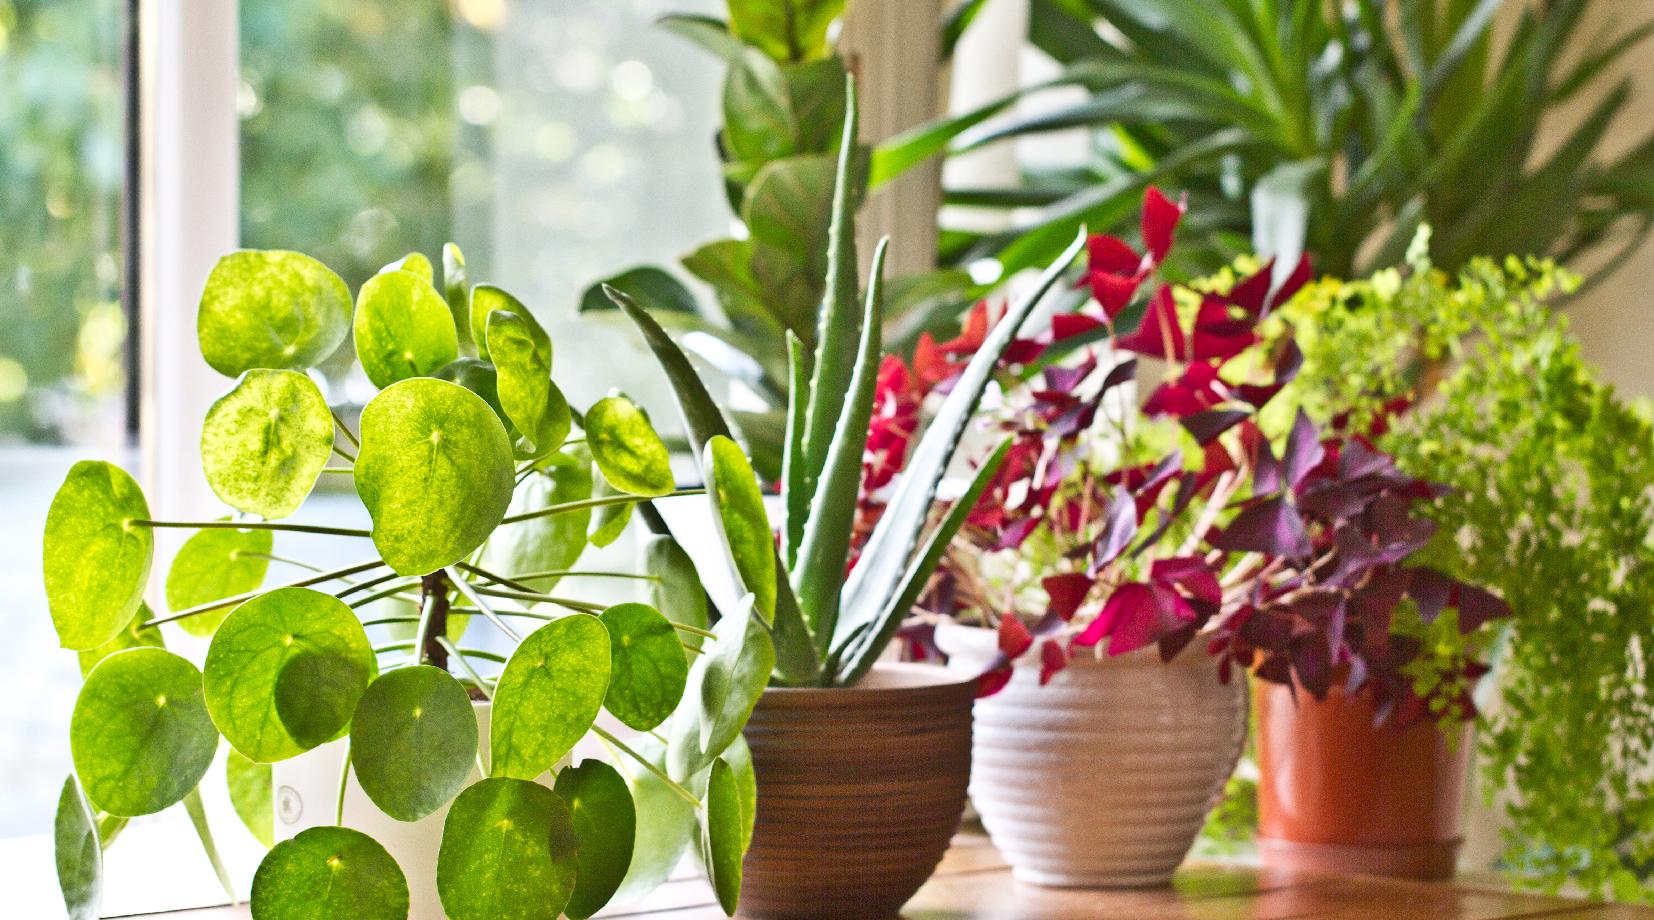 Piante Tropicali Da Interno lo stile urban jungle: quali piante tropicali da interno